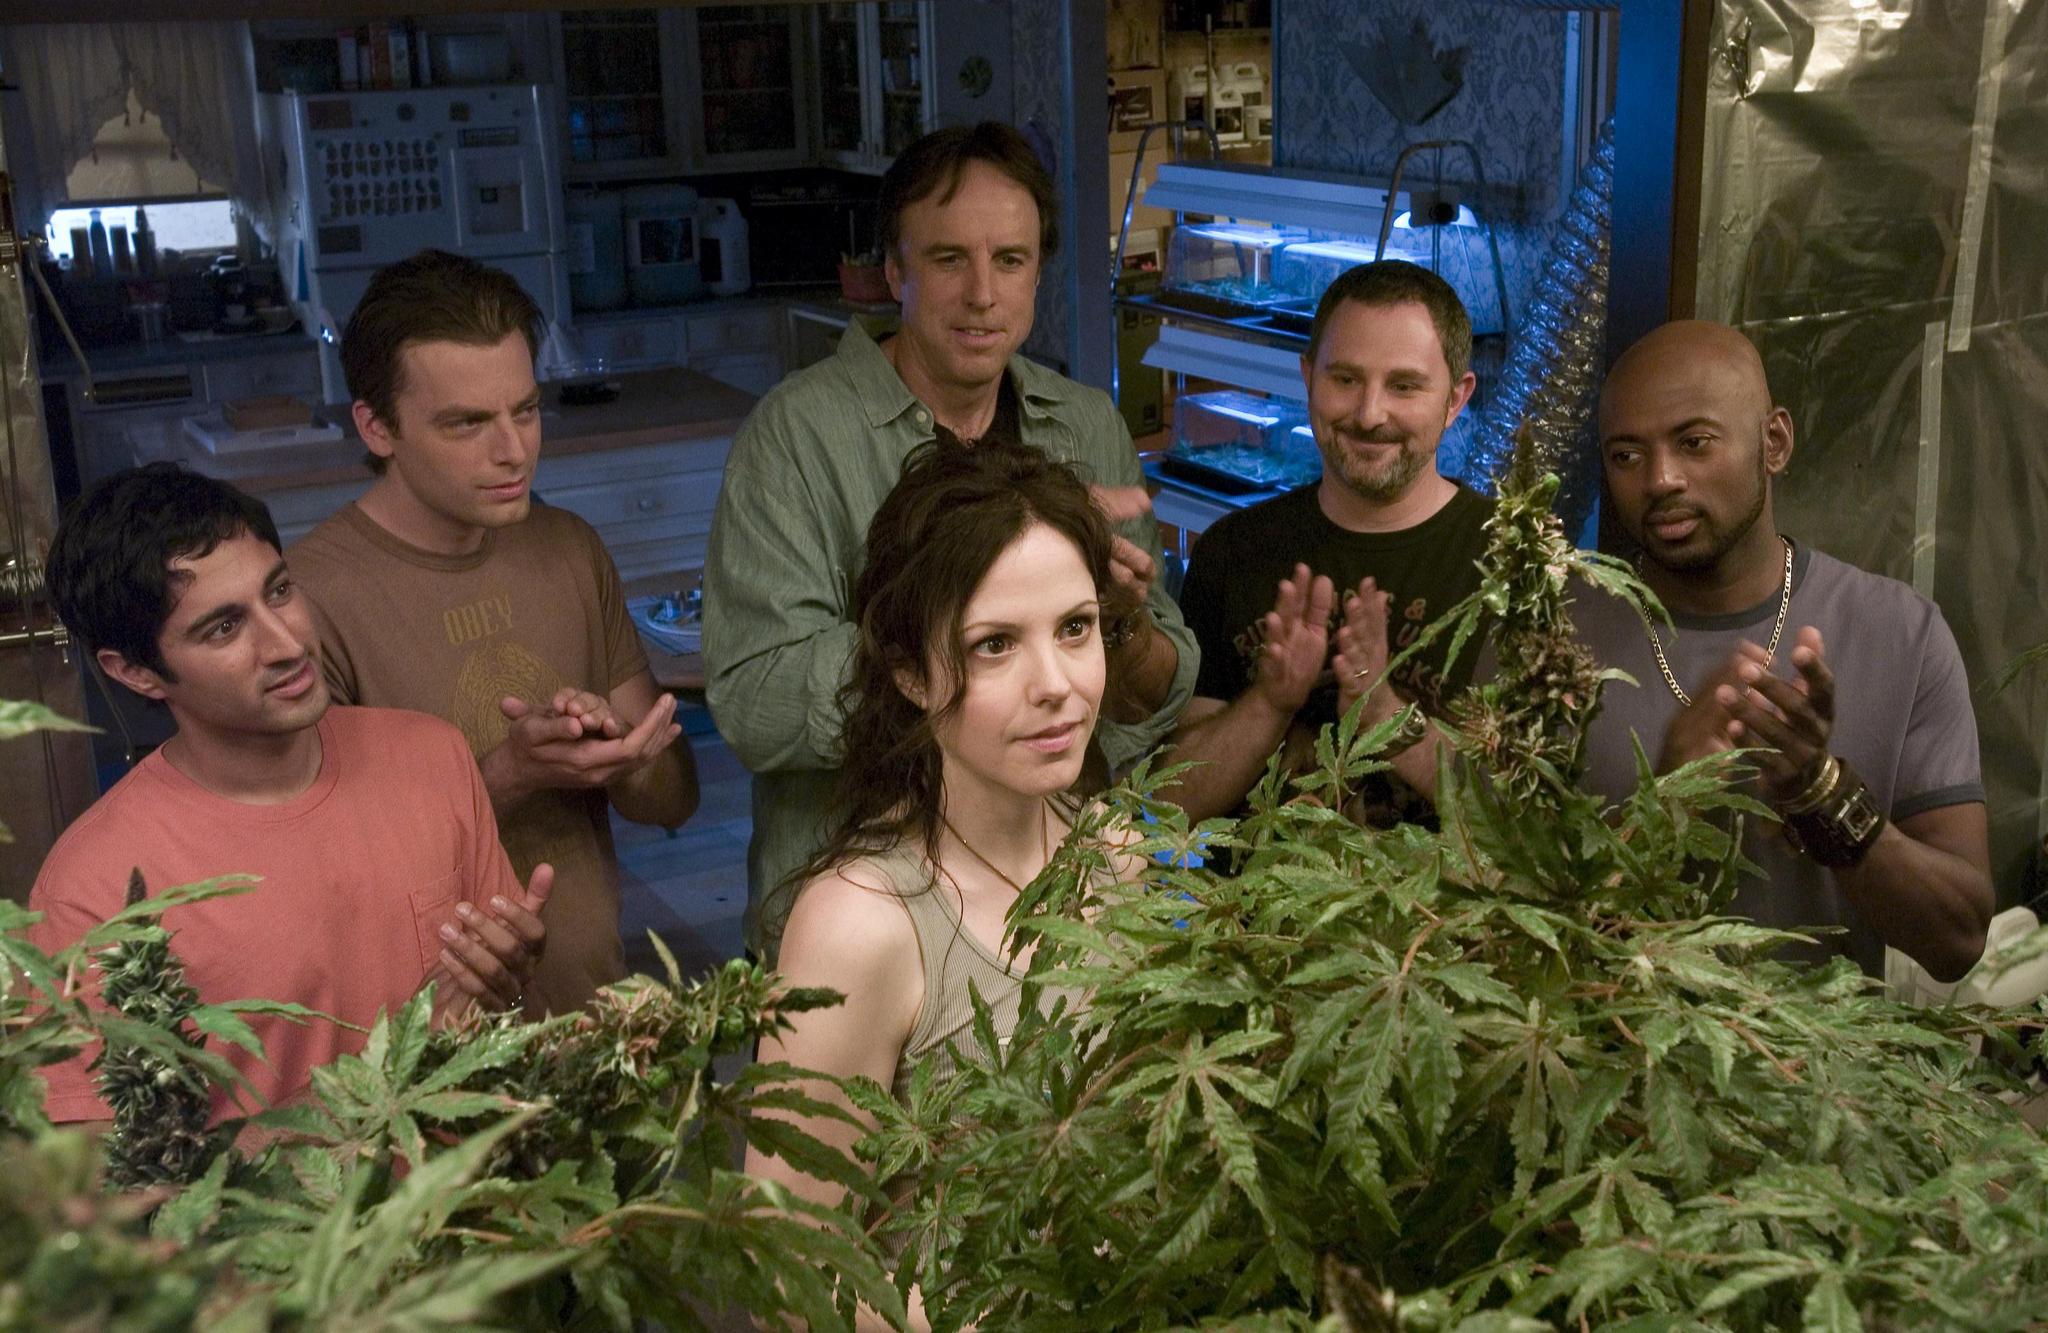 Фильм про девушку которая продает марихуану воздействие организм марихуаны